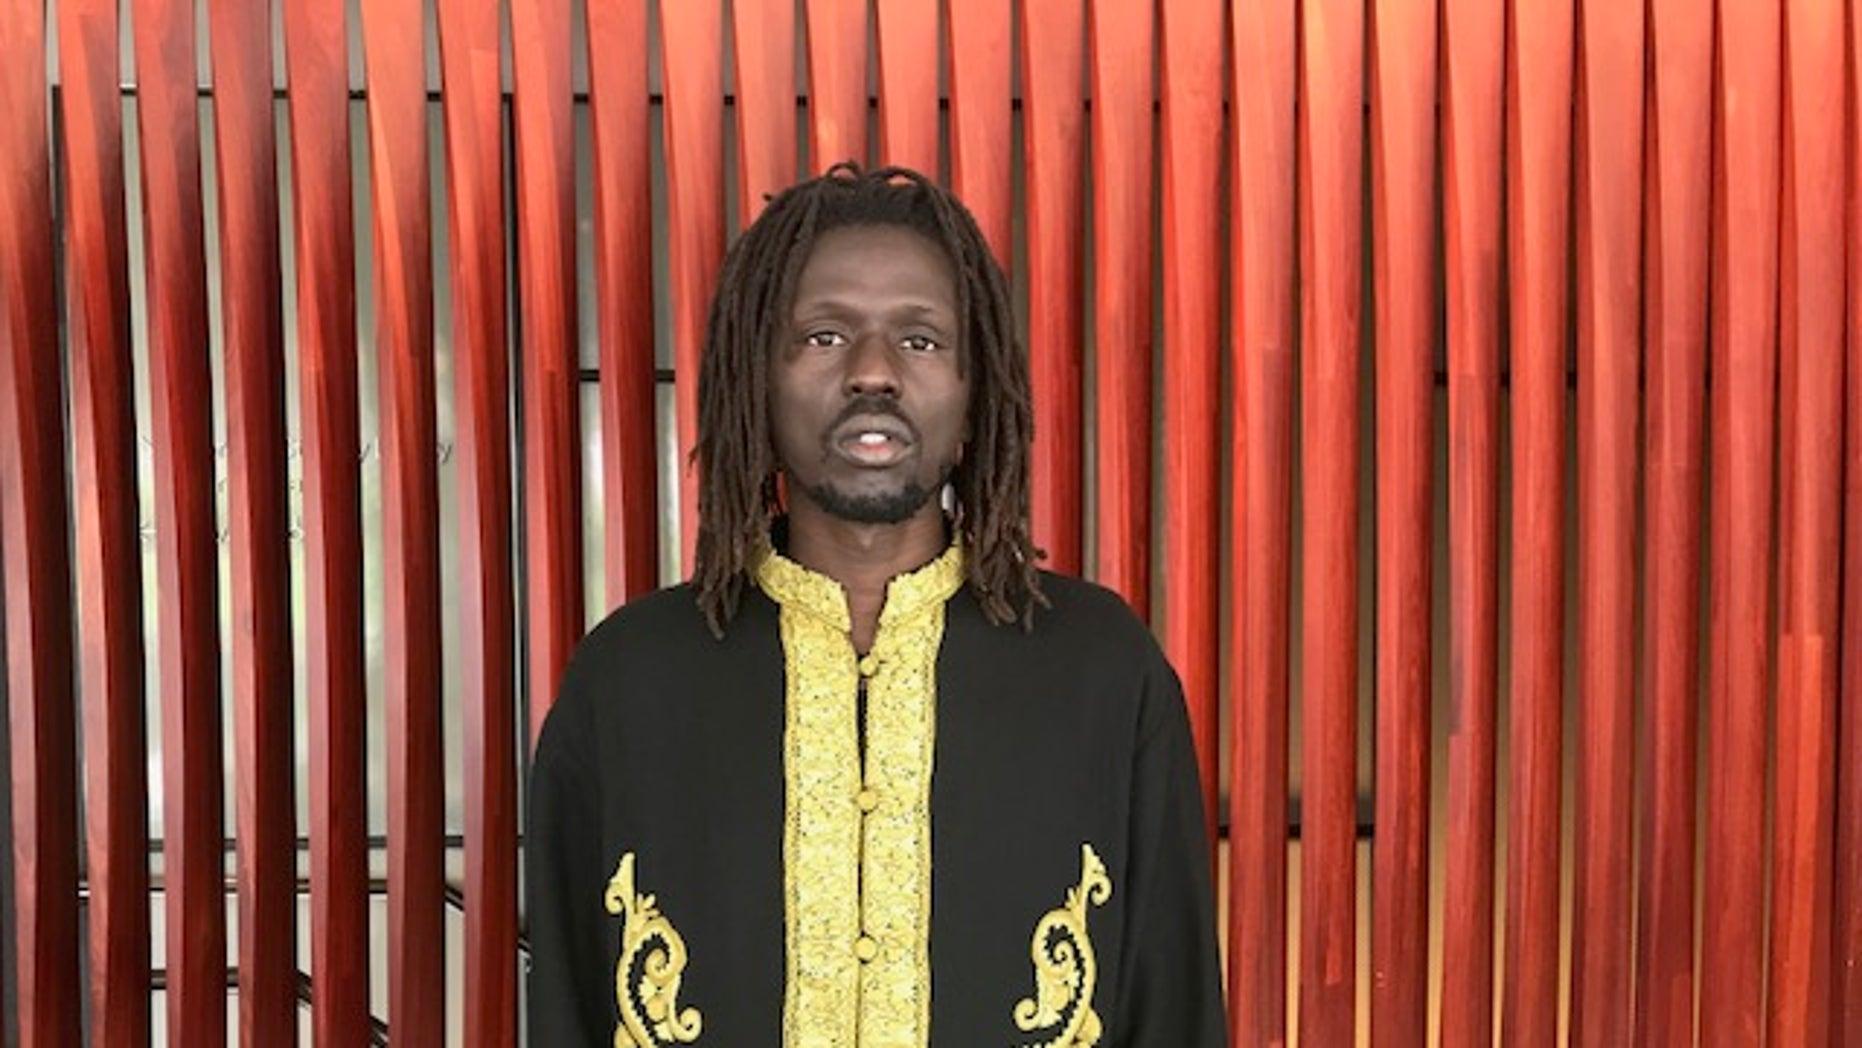 Recovered Sudanese child soldier turned activist and hip-hop artist, Emmanuel Jal